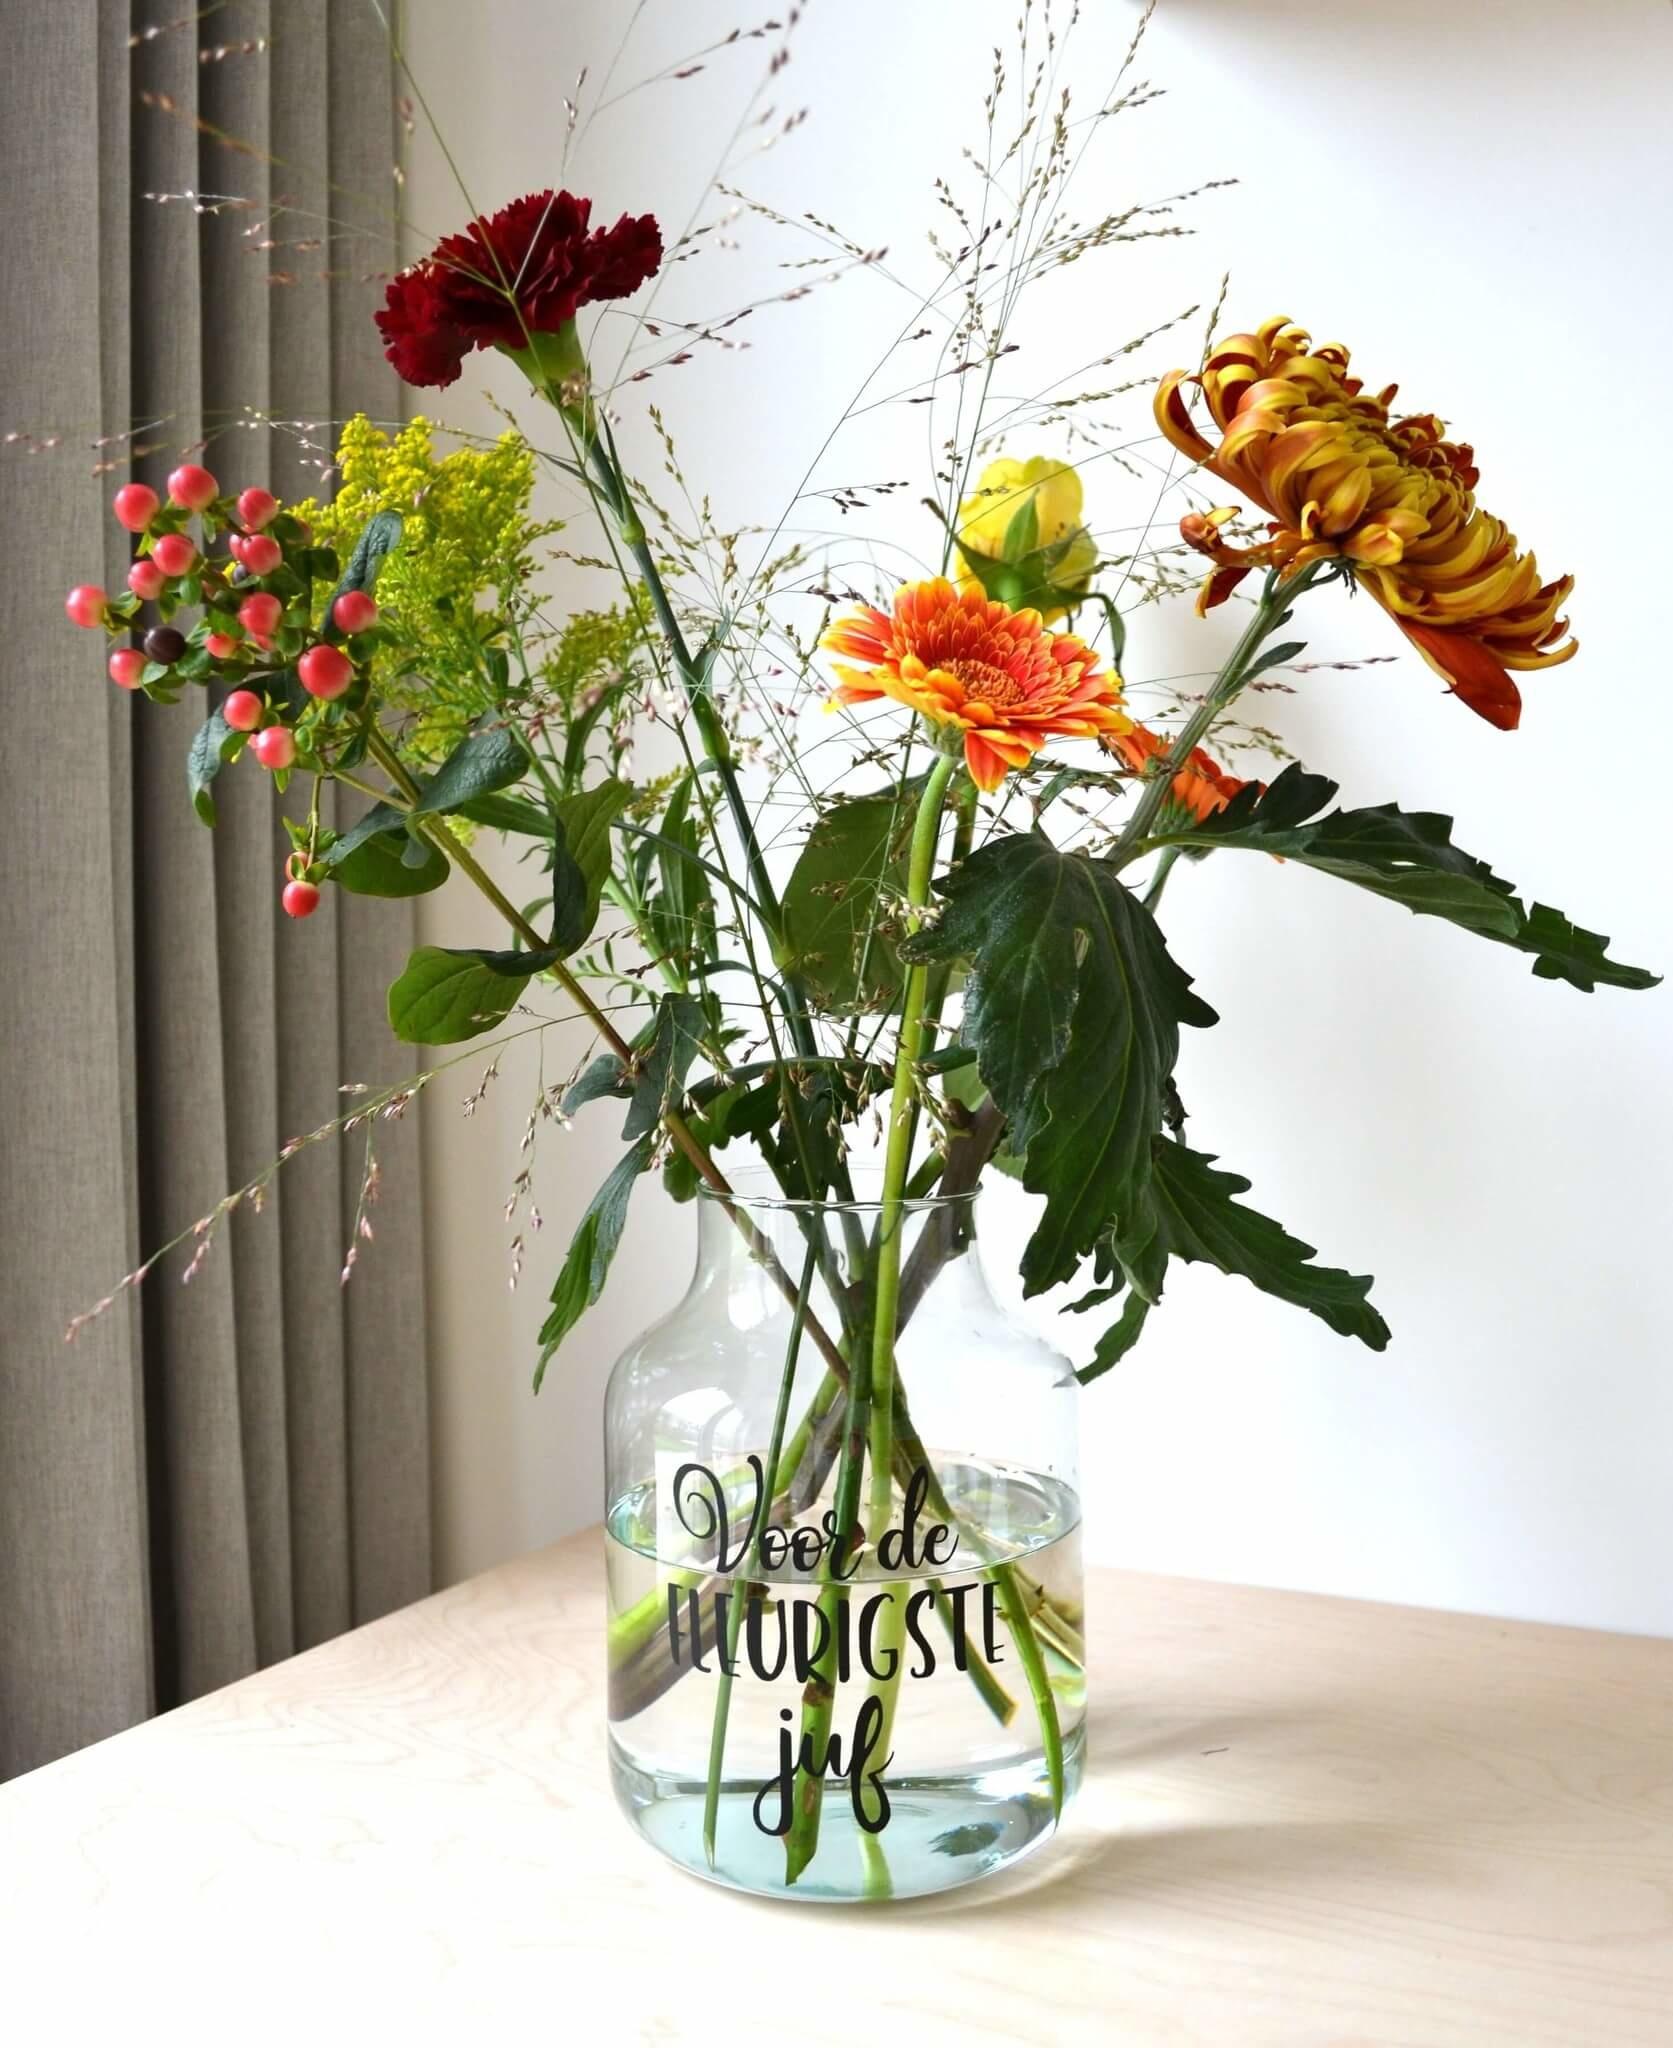 bloemen juf